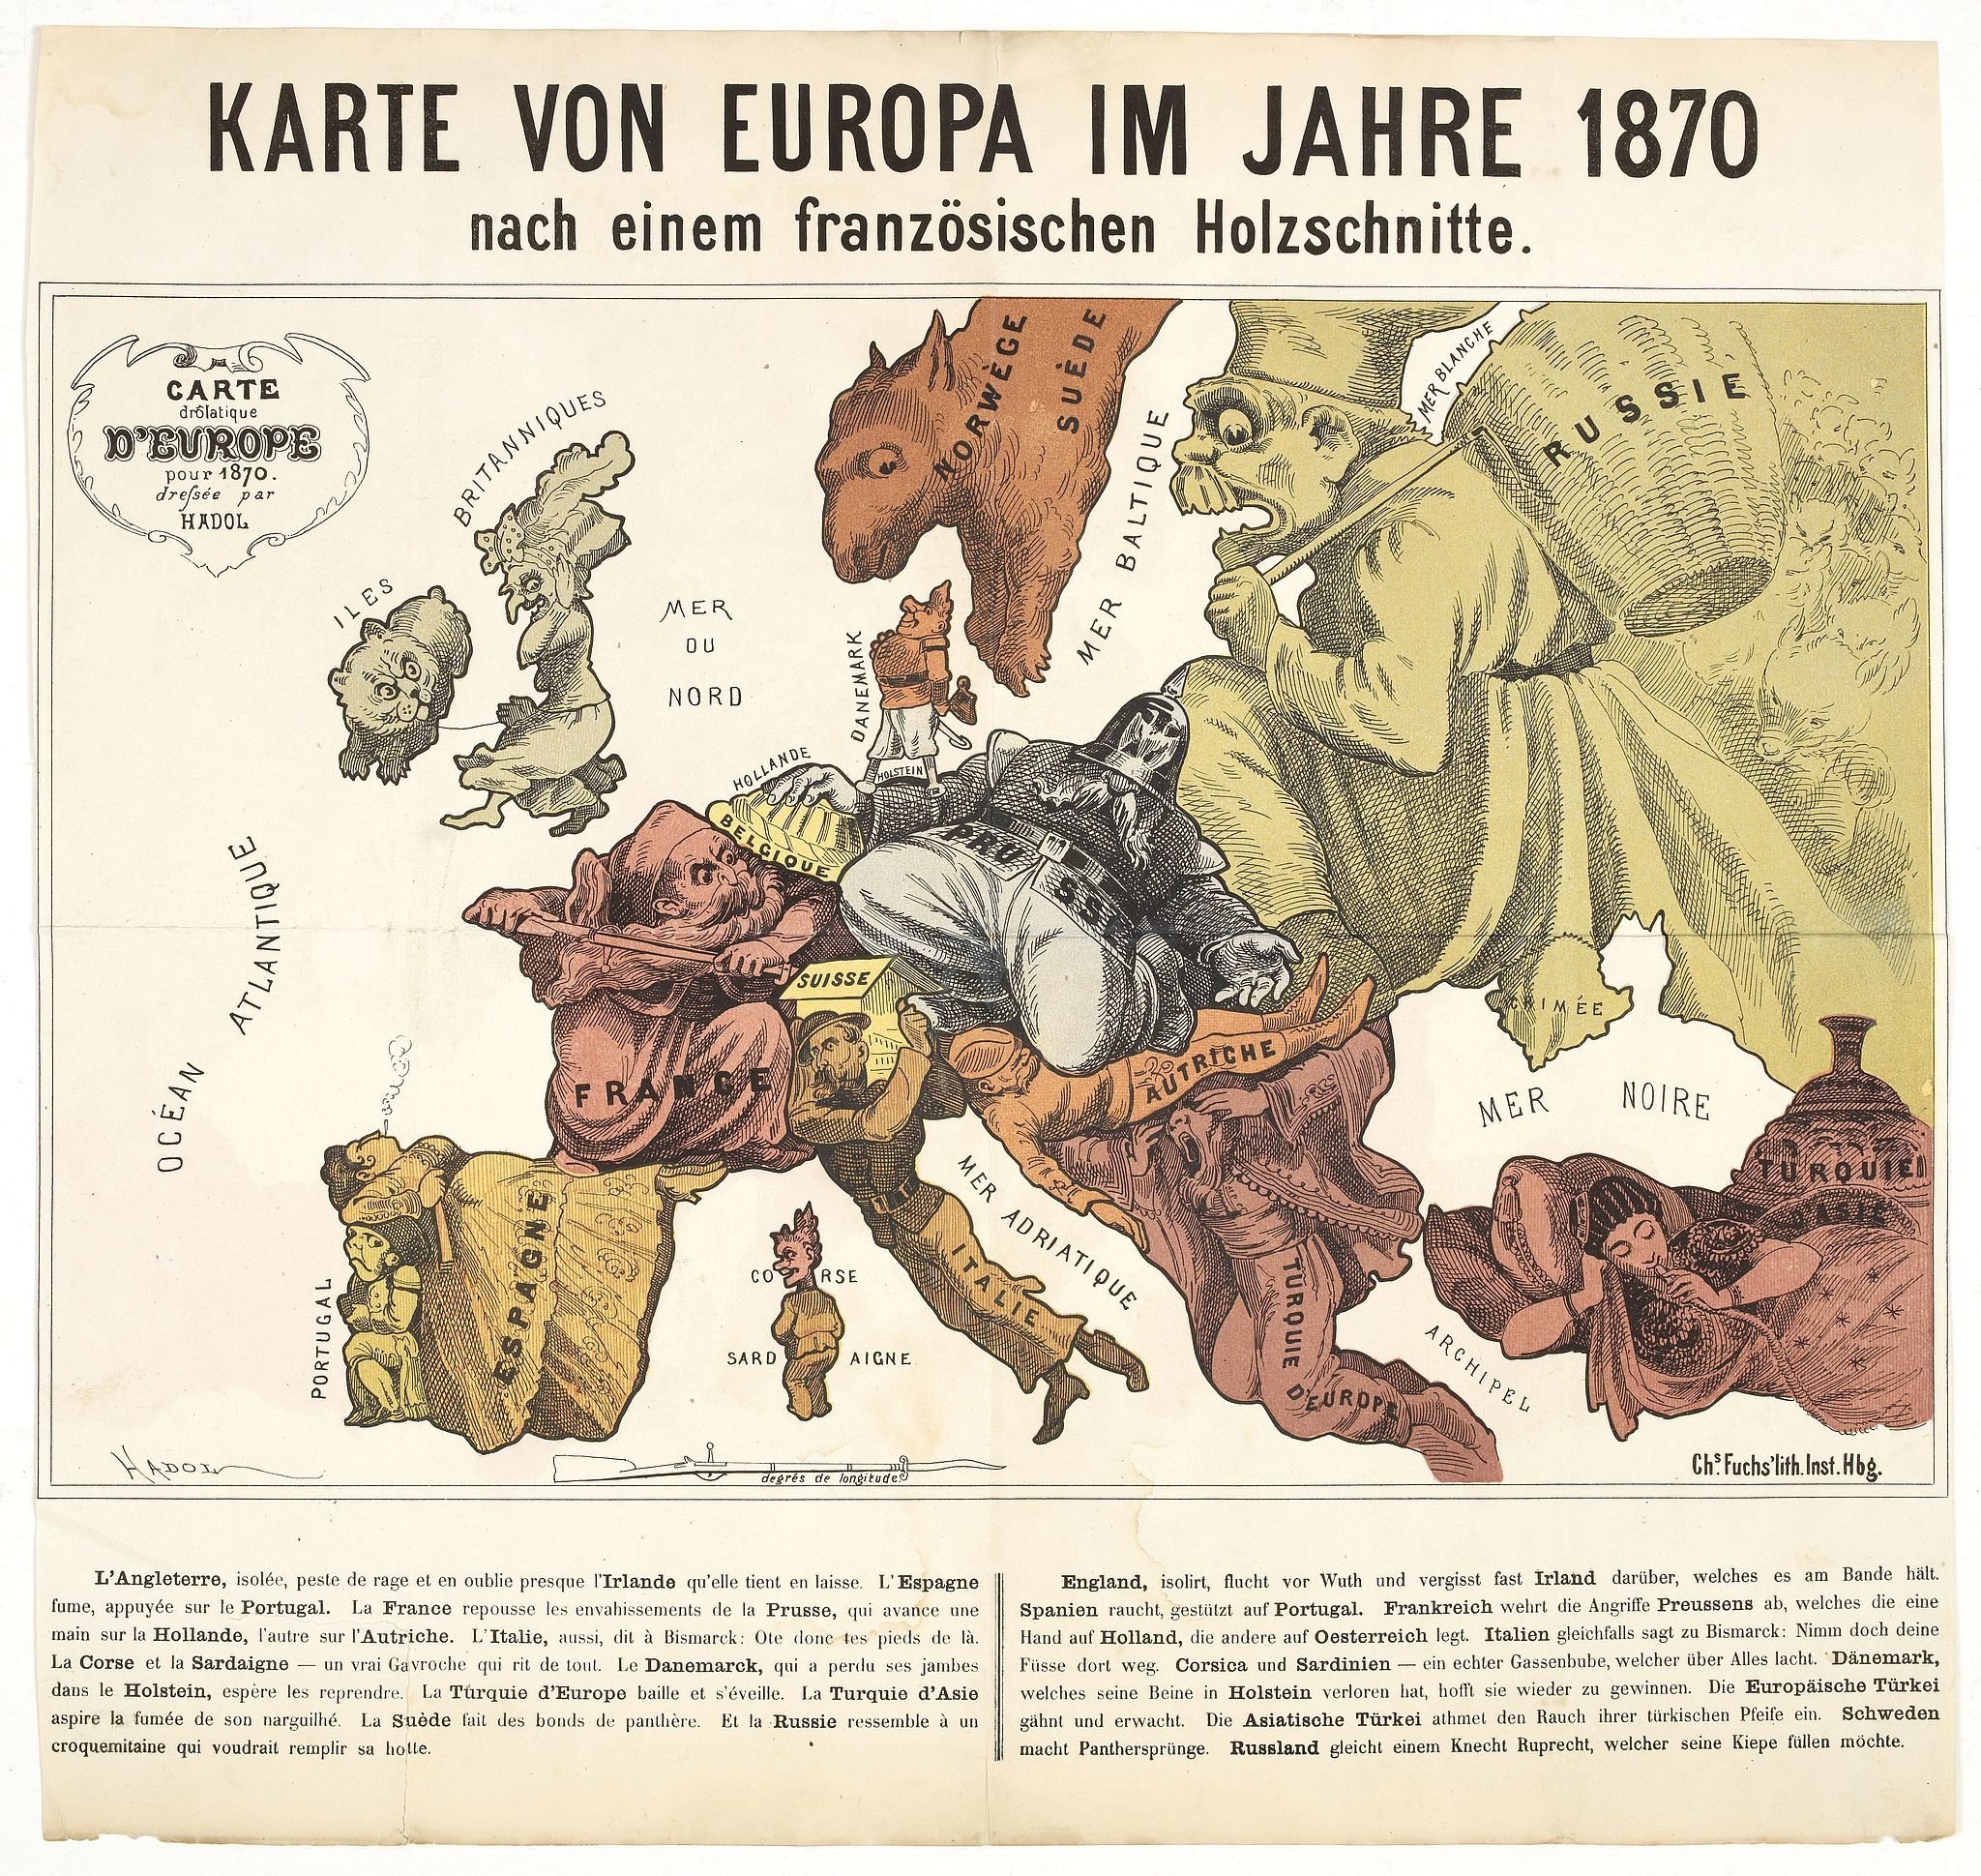 HADOL. -  Karte von Europa im Jahre 1870 nach einem französischen Holzschnitte.